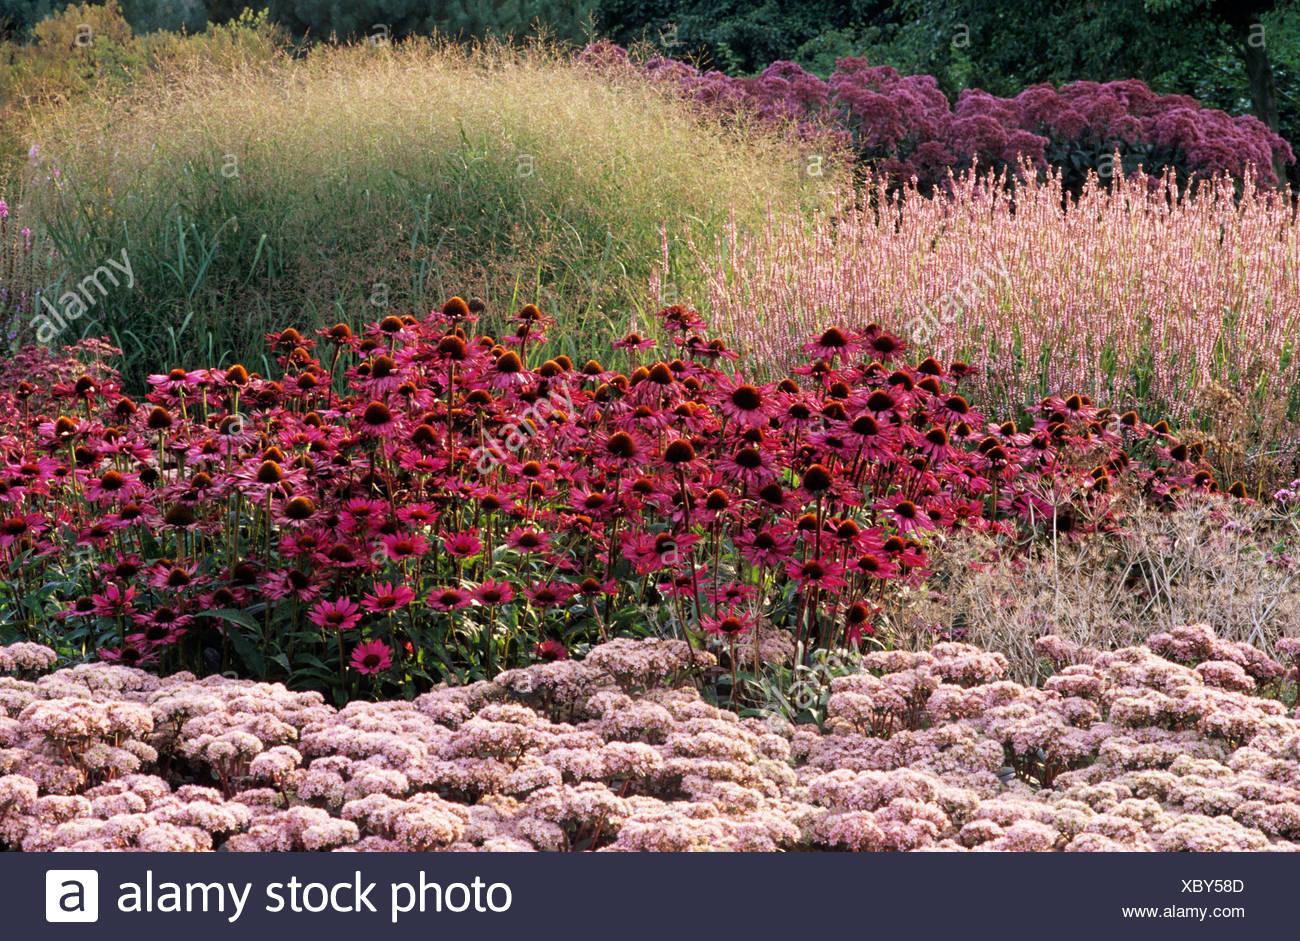 Pensthorpe Millennium Garden Sept Grasses Sedum Echinacea